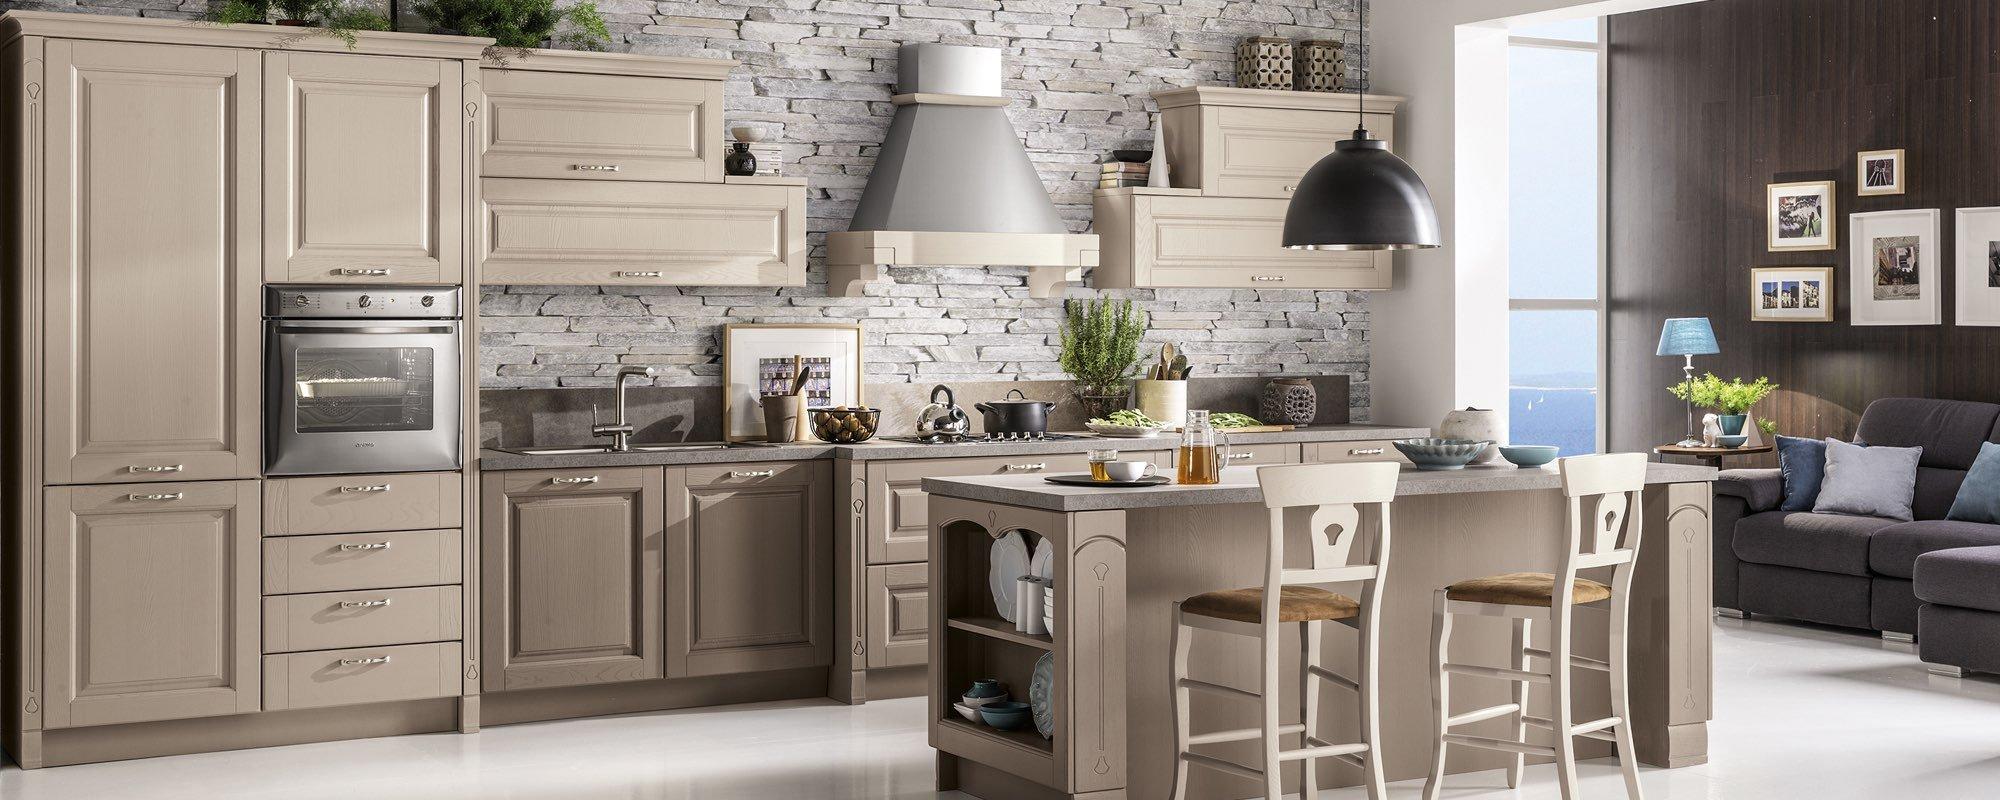 vista interna di una cucina classica con isola, tavolo e sedie -BOLGHERI